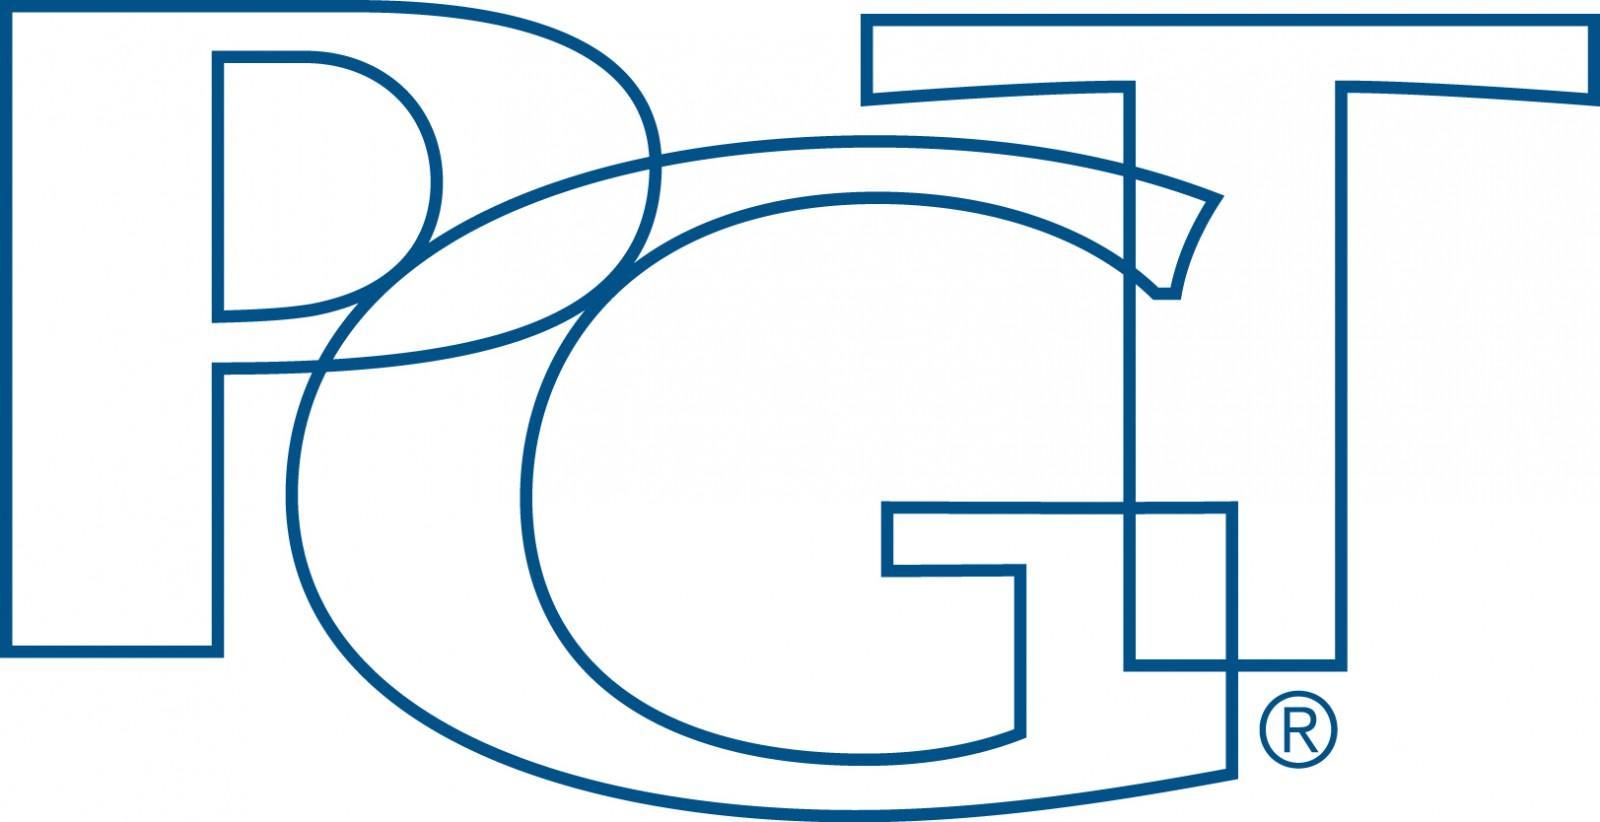 PGT_2008.jpg